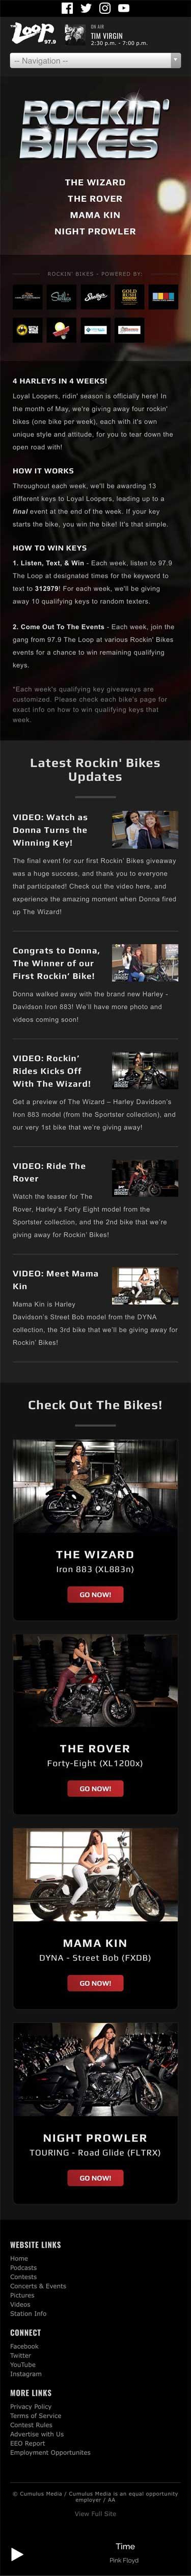 Rockin' Bikes - Main Landing Page - iPhone View